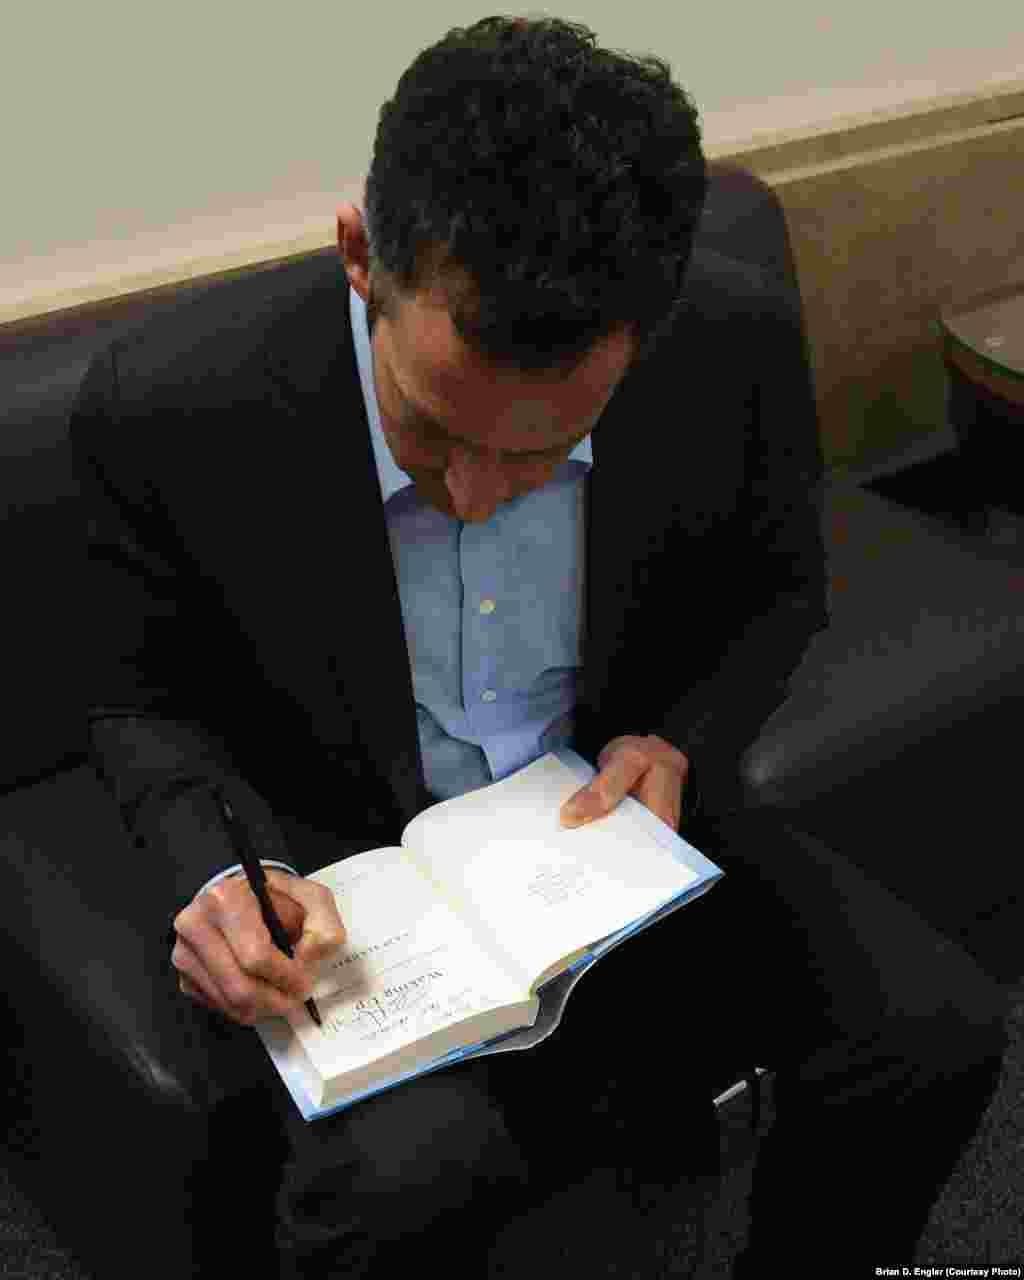 سم هریس در حال امضای کتاب جدیدش، «بیدار شدن»